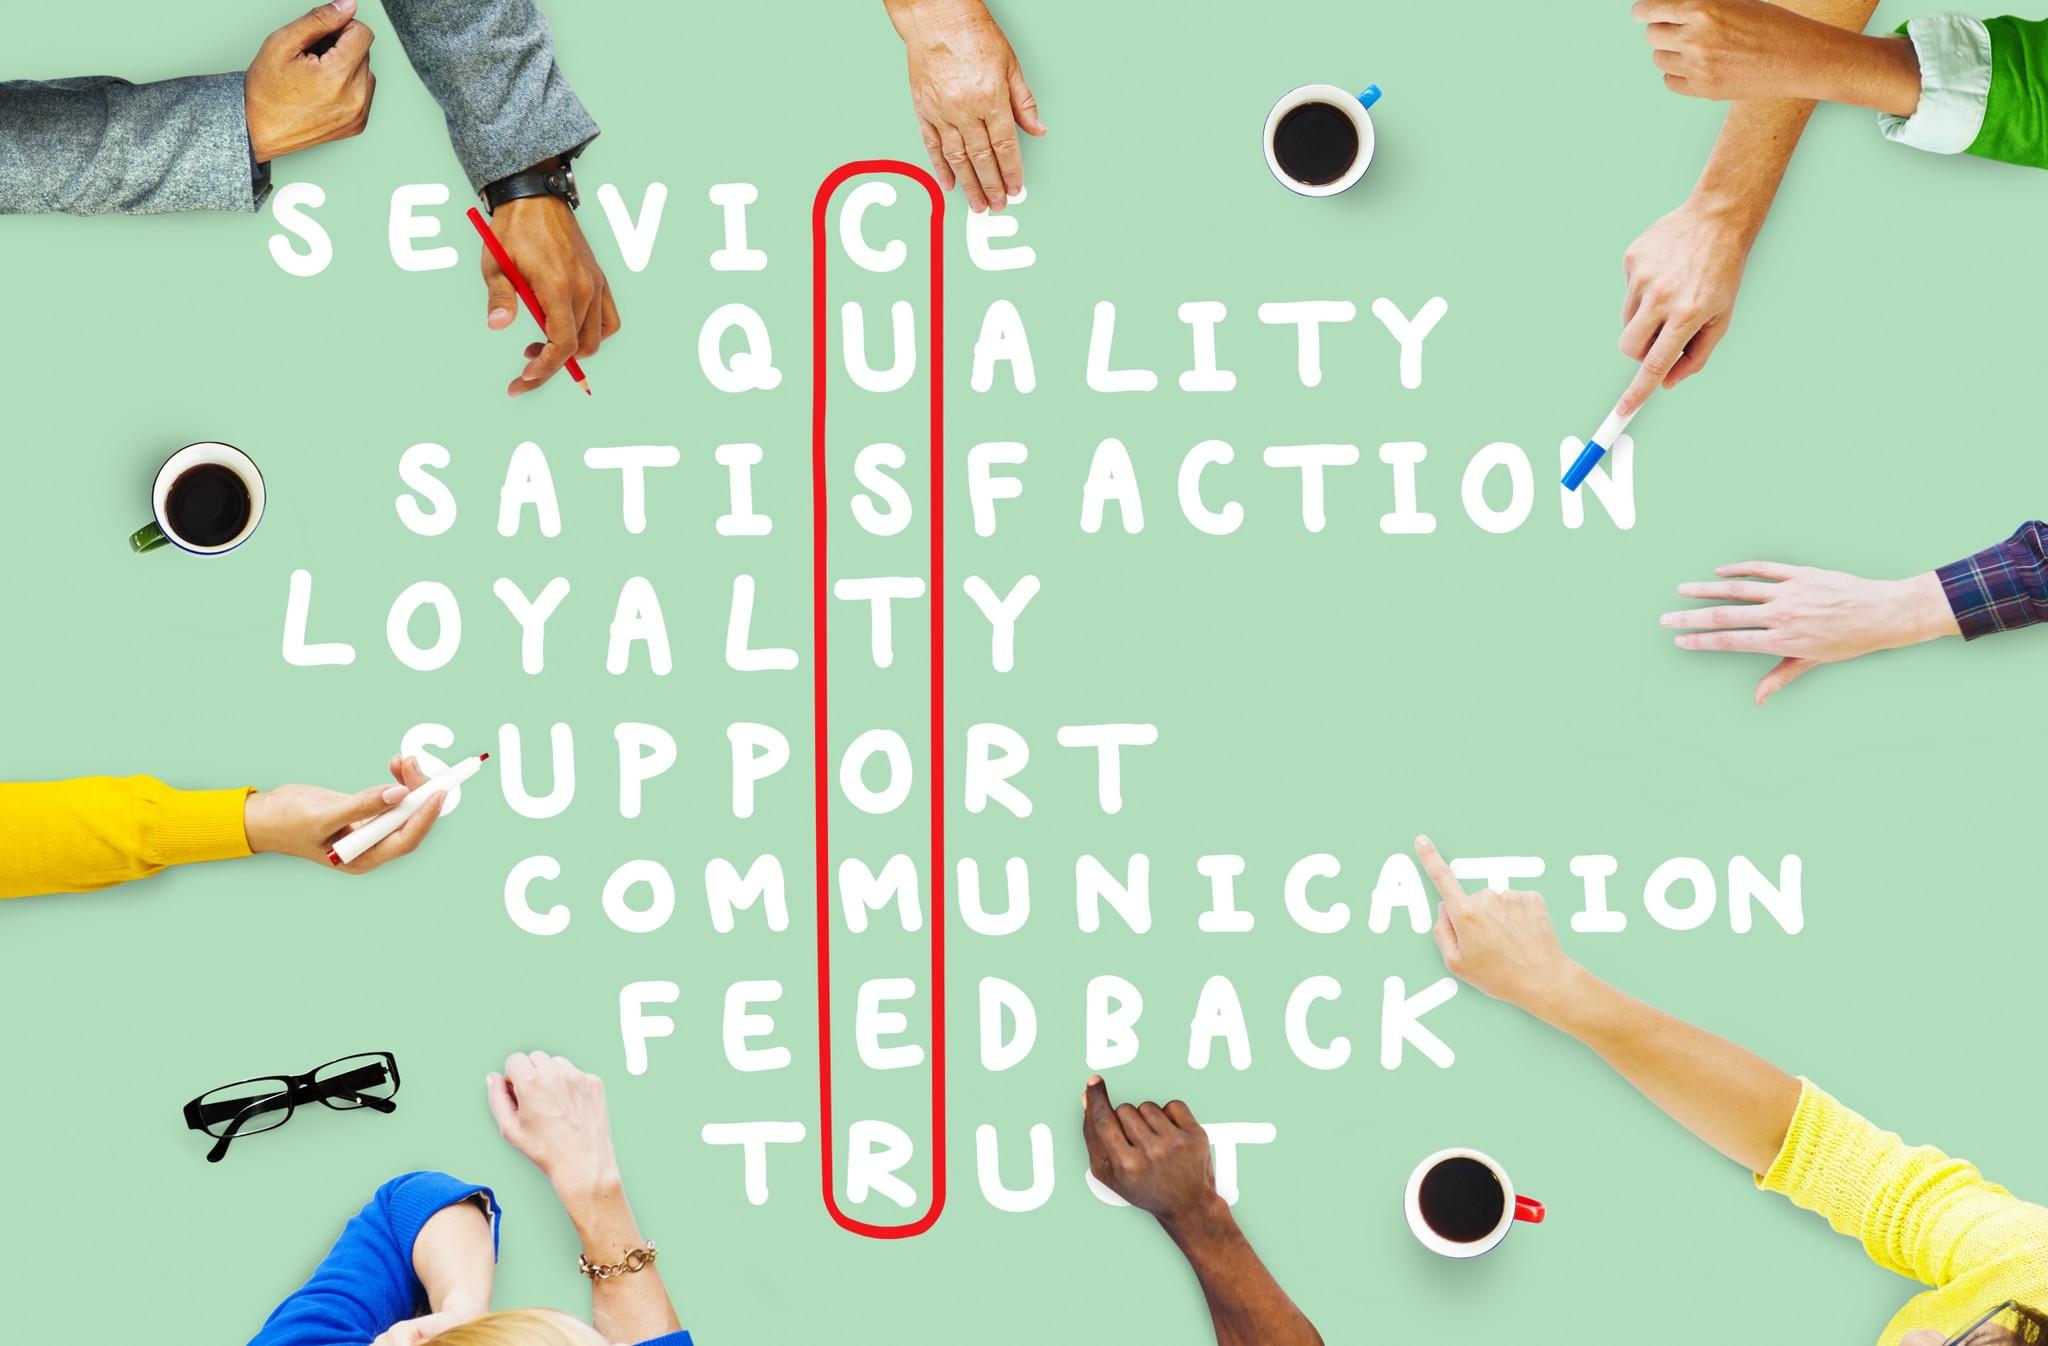 Customer support teams